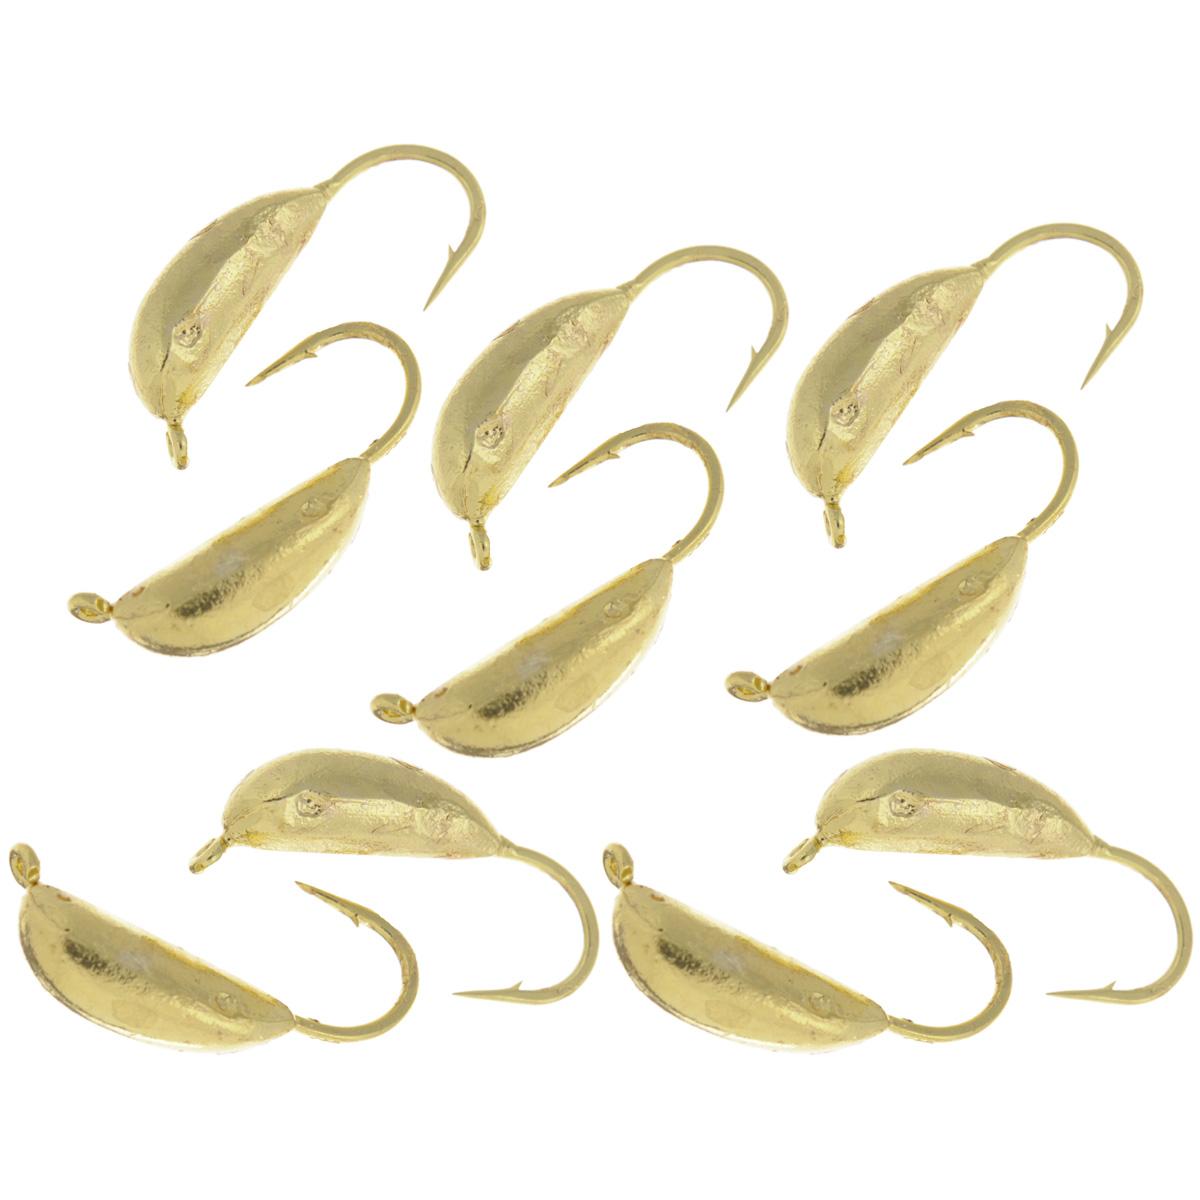 Мормышка вольфрамовая Dixxon-Russia, рижский банан, цвет: золотой, диаметр 4 мм, 0,8 г, 10 шт4271825Мормышка Dixxon-Russia изготовлена из вольфрама и оснащена крючком. Главное достоинство вольфрамовой мормышки - большой вес при малом объеме. Эта особенность дает большие преимущества при ловле, так как позволяет быстро погрузить приманку на требуемую глубину и лучше чувствовать игру мормышки.